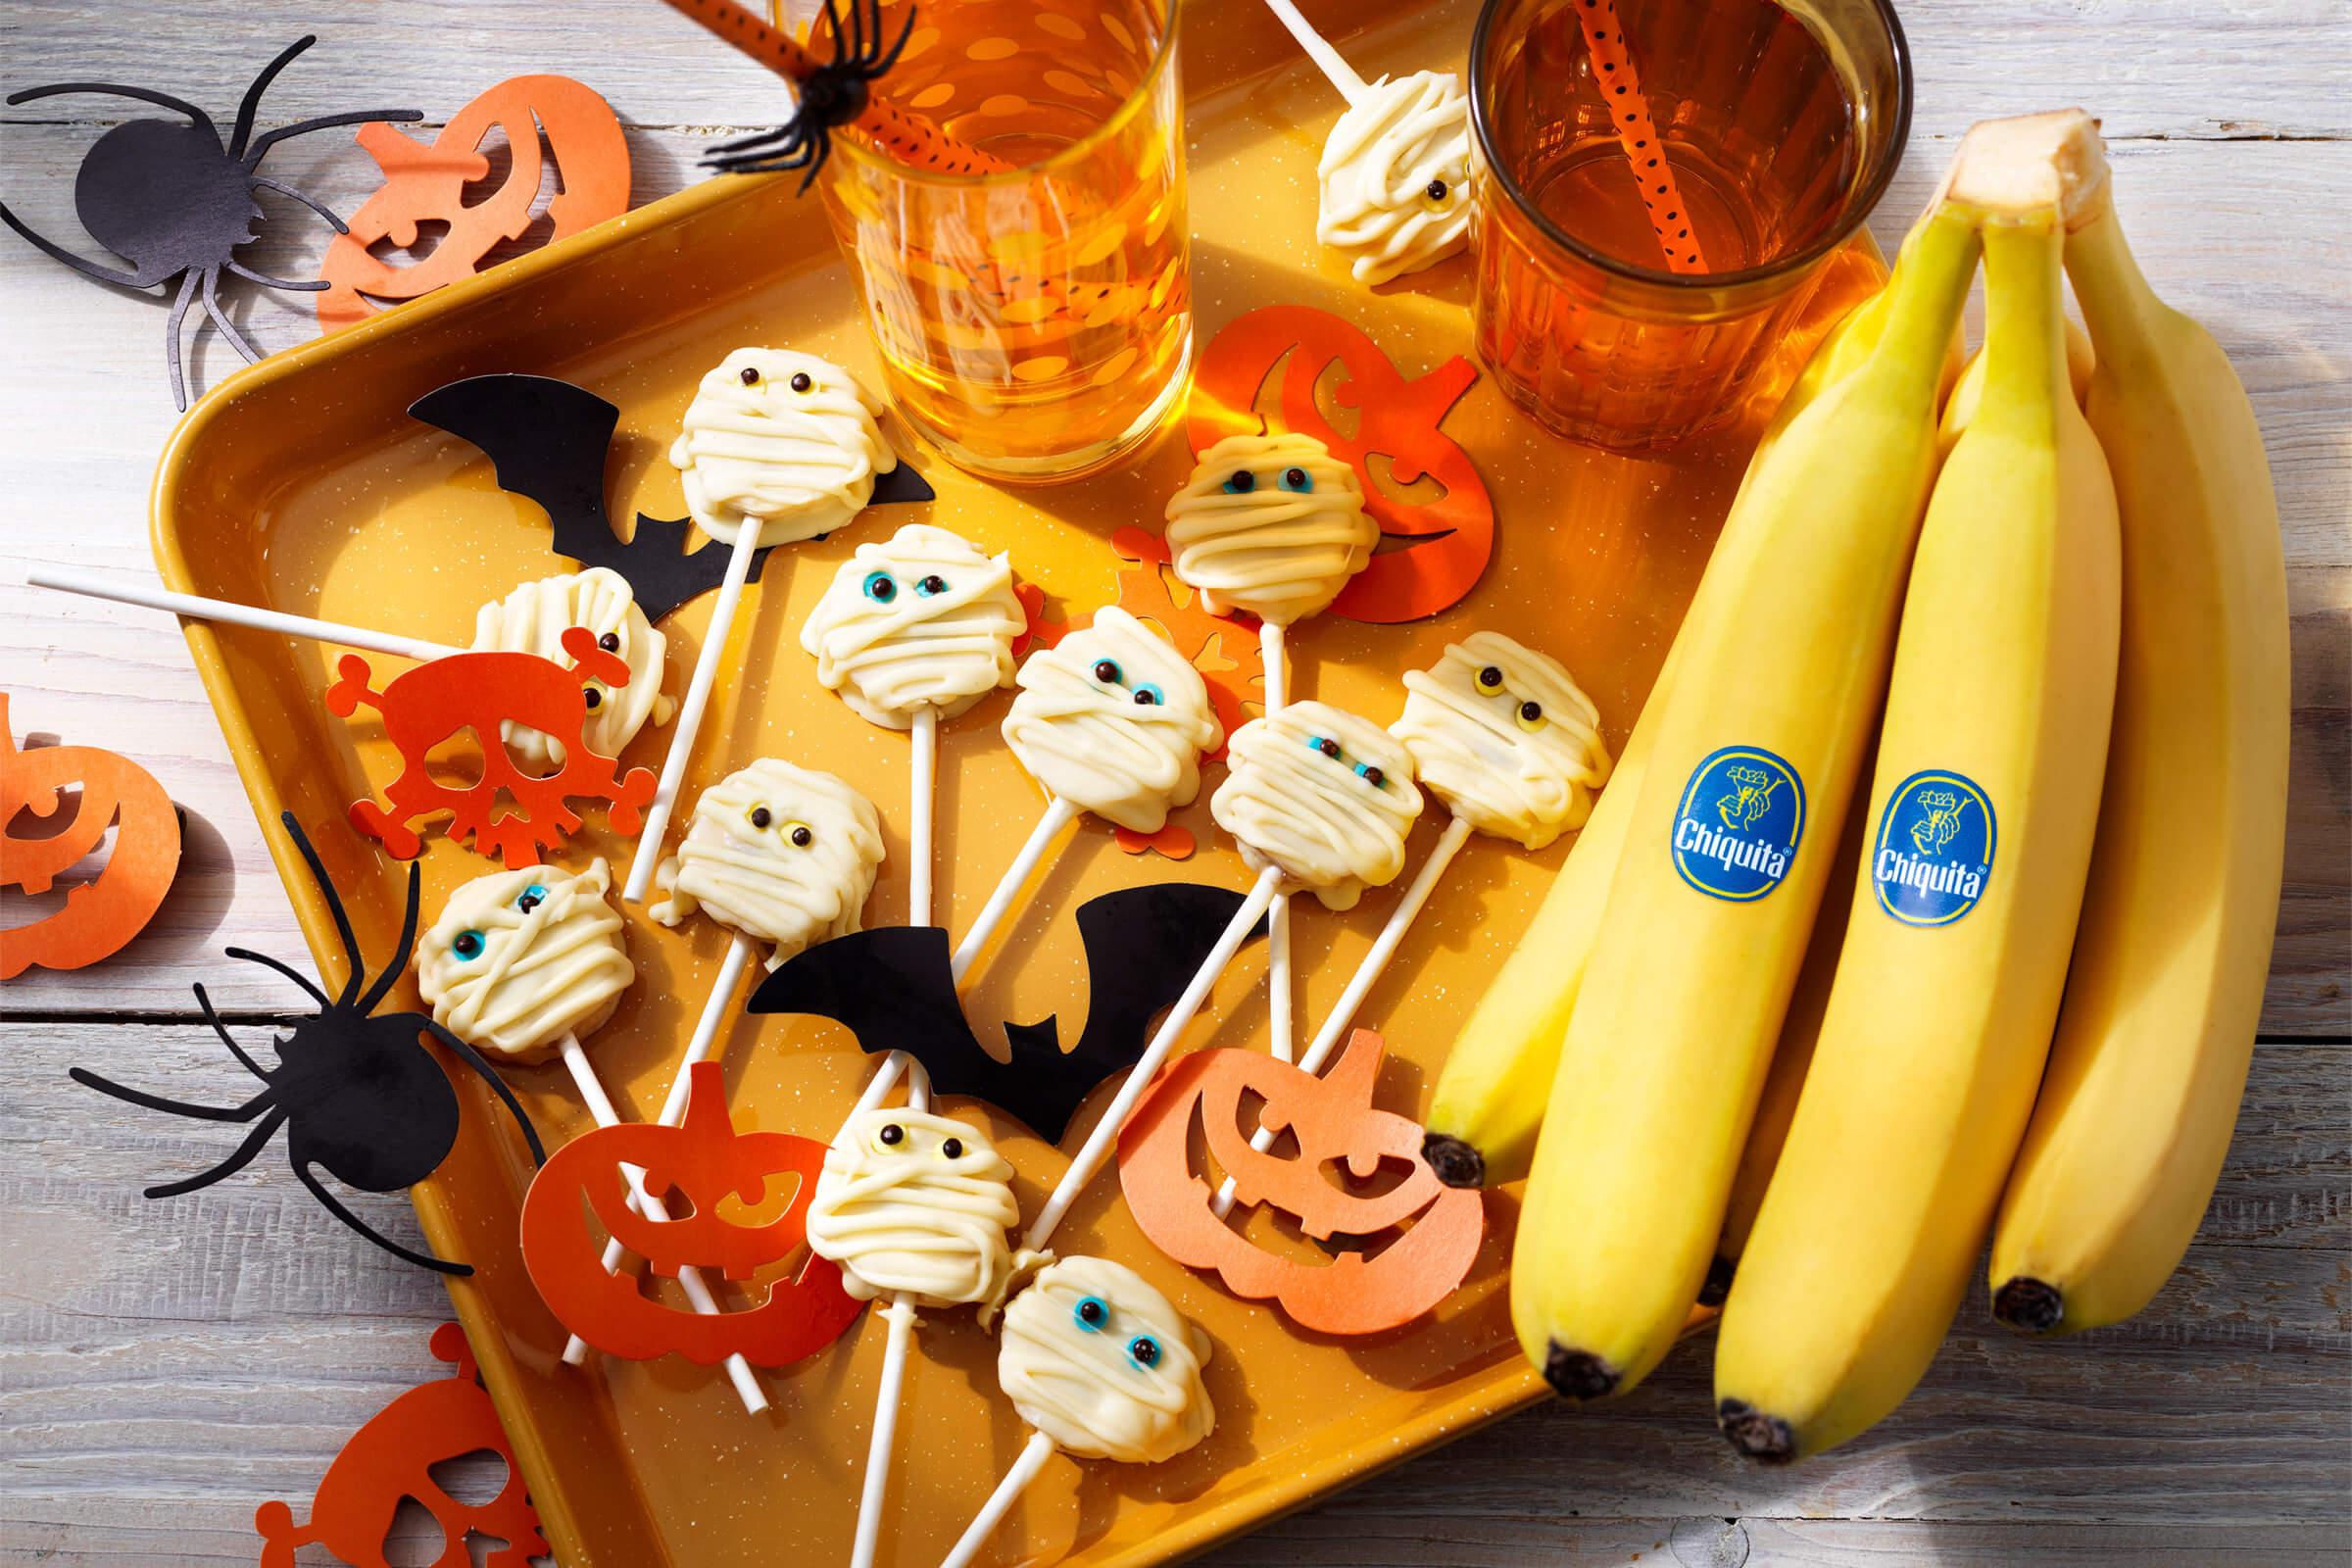 Halloweenpoppetjes van Chiquita bananen